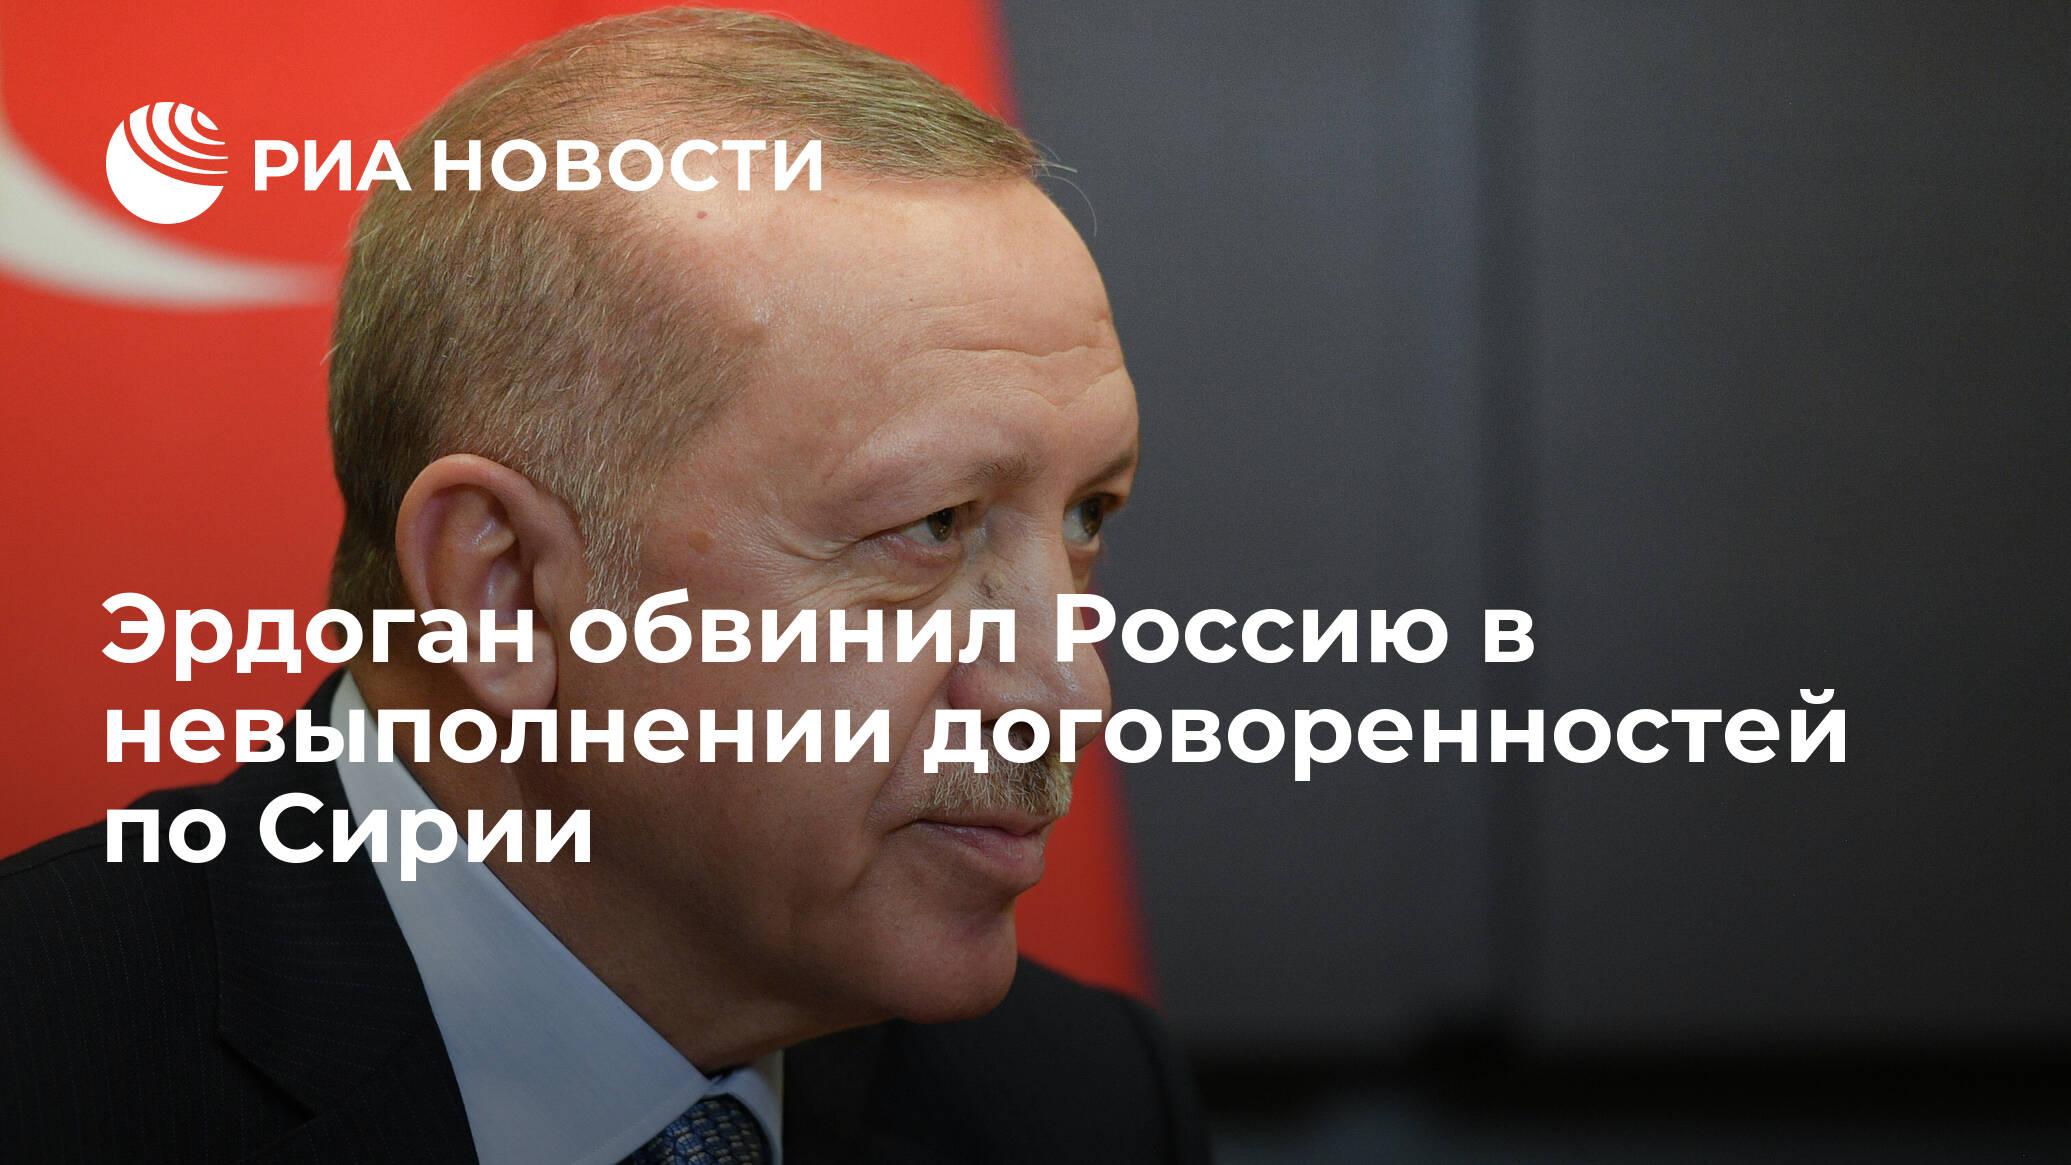 Эрдоган обвинил Россию в невыполнении соглашения по Идлибу